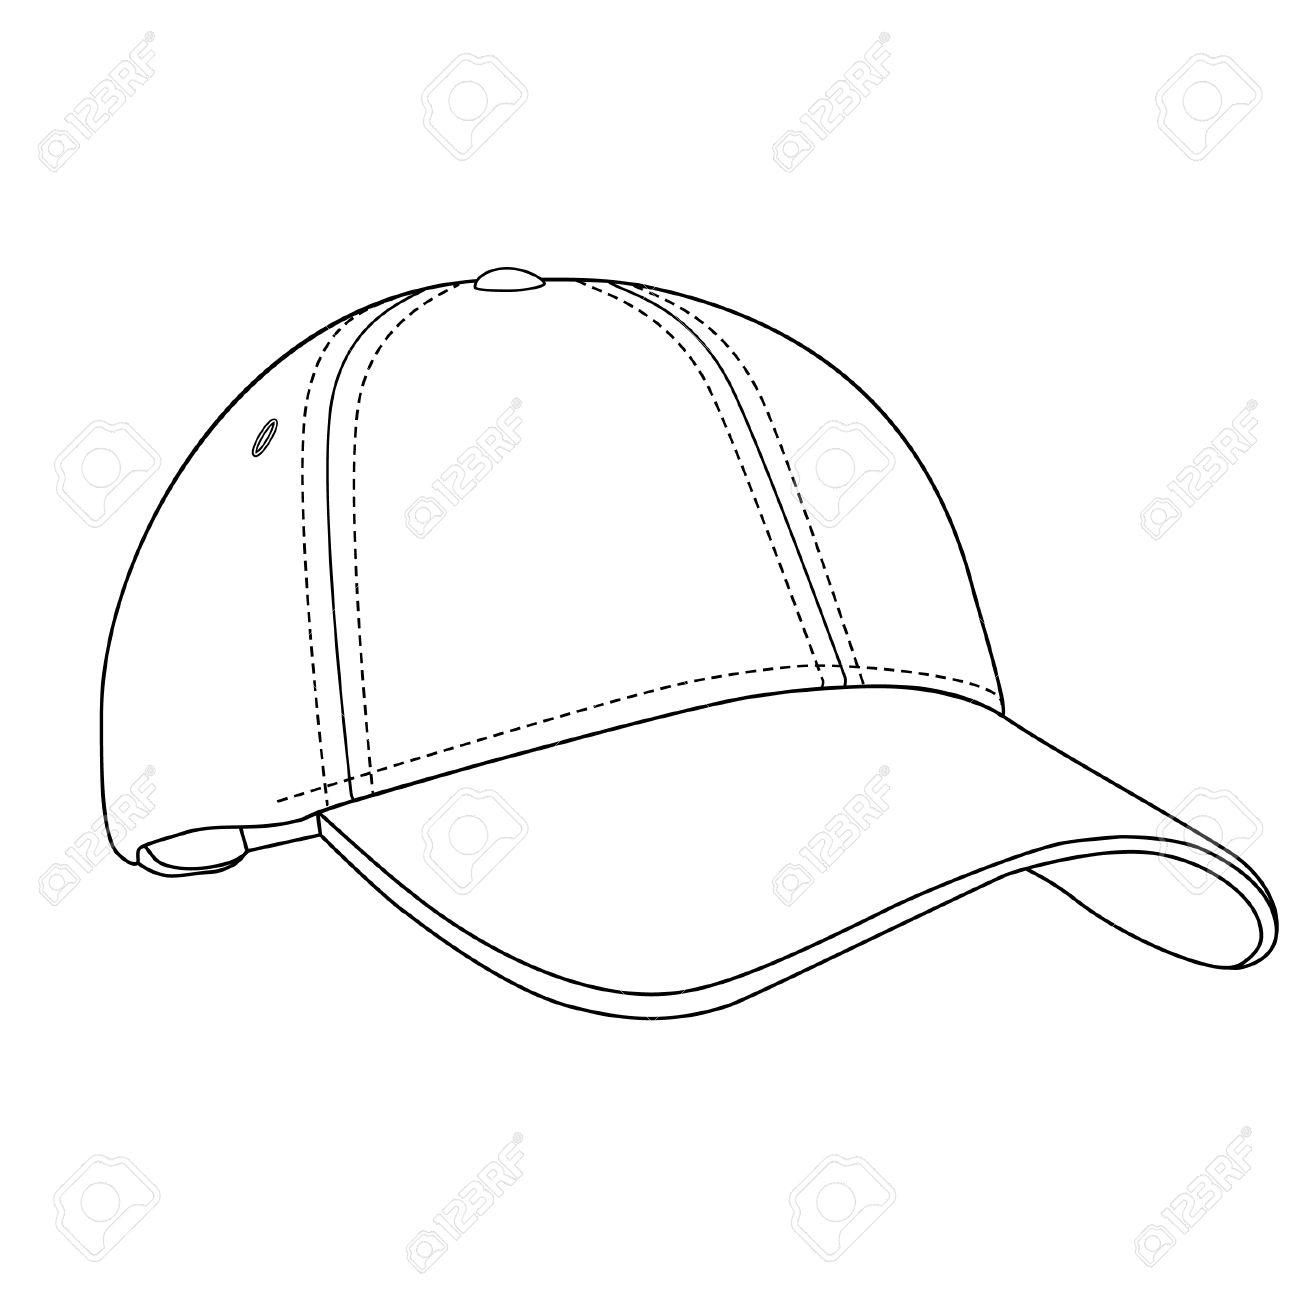 baseball cap baseball cap isolated baseball cap vector royalty rh 123rf com baseball cap vector free download baseball cap vector free